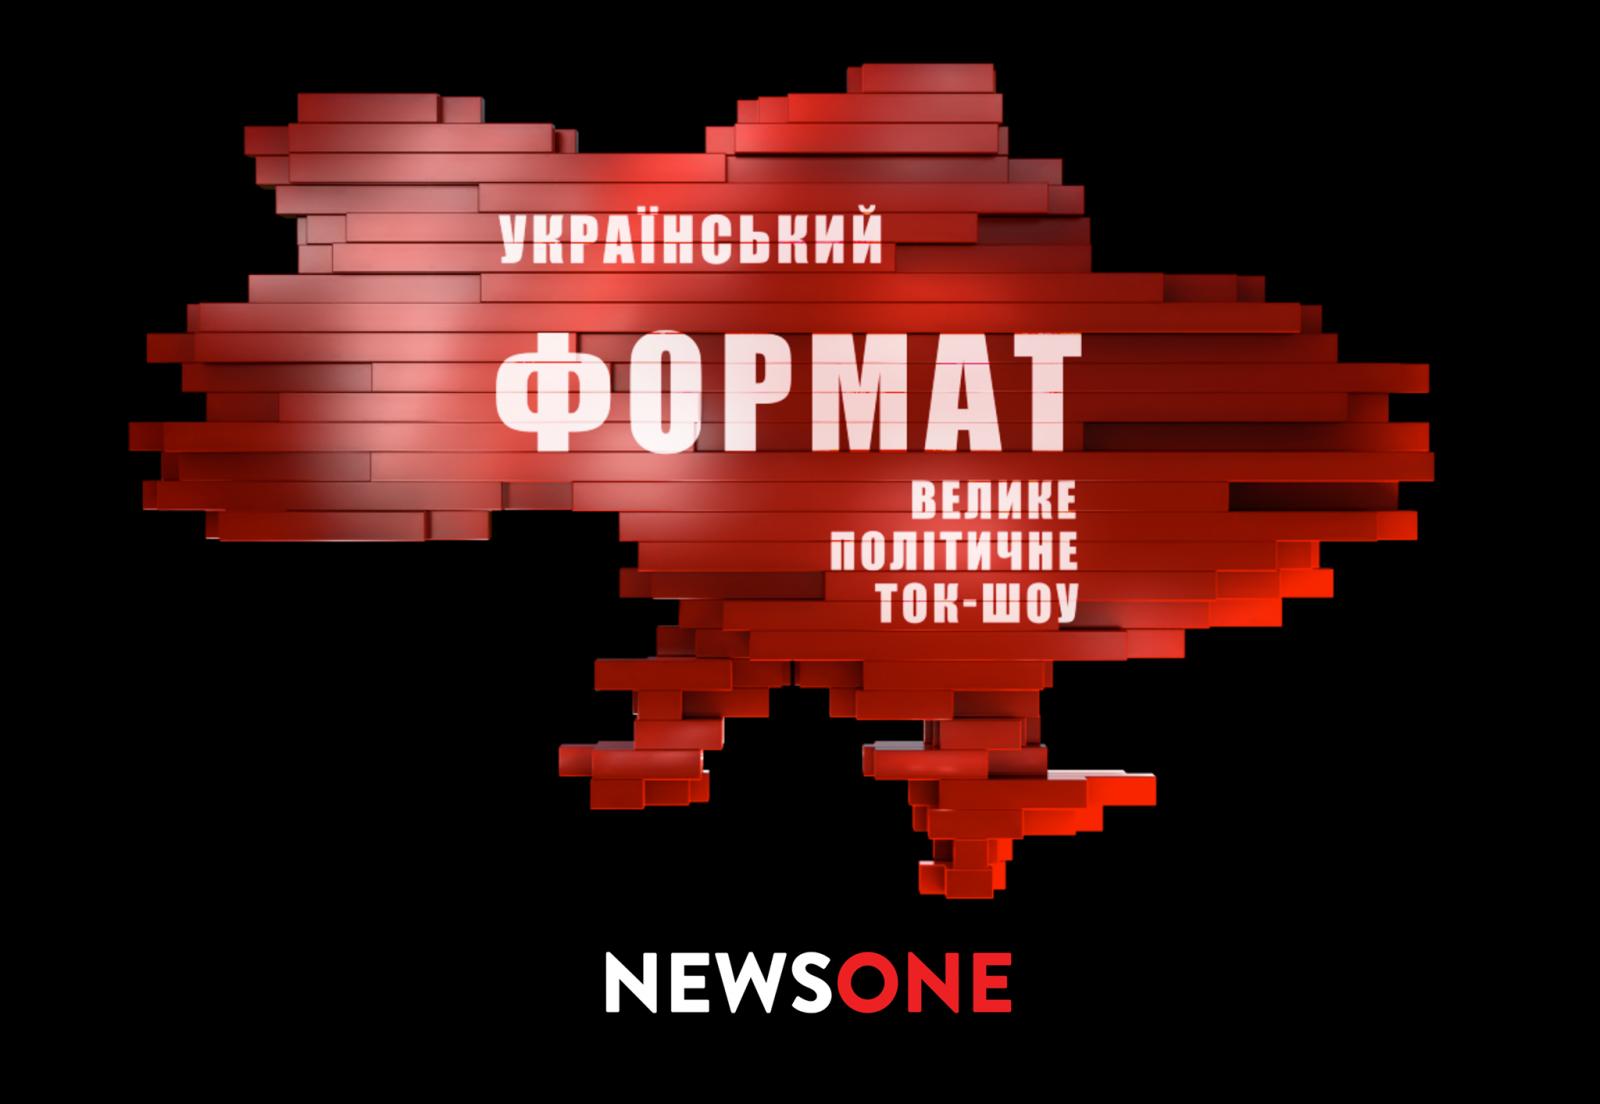 Обновленный «Украинский формат» установил собственный рекорд в феврале и...